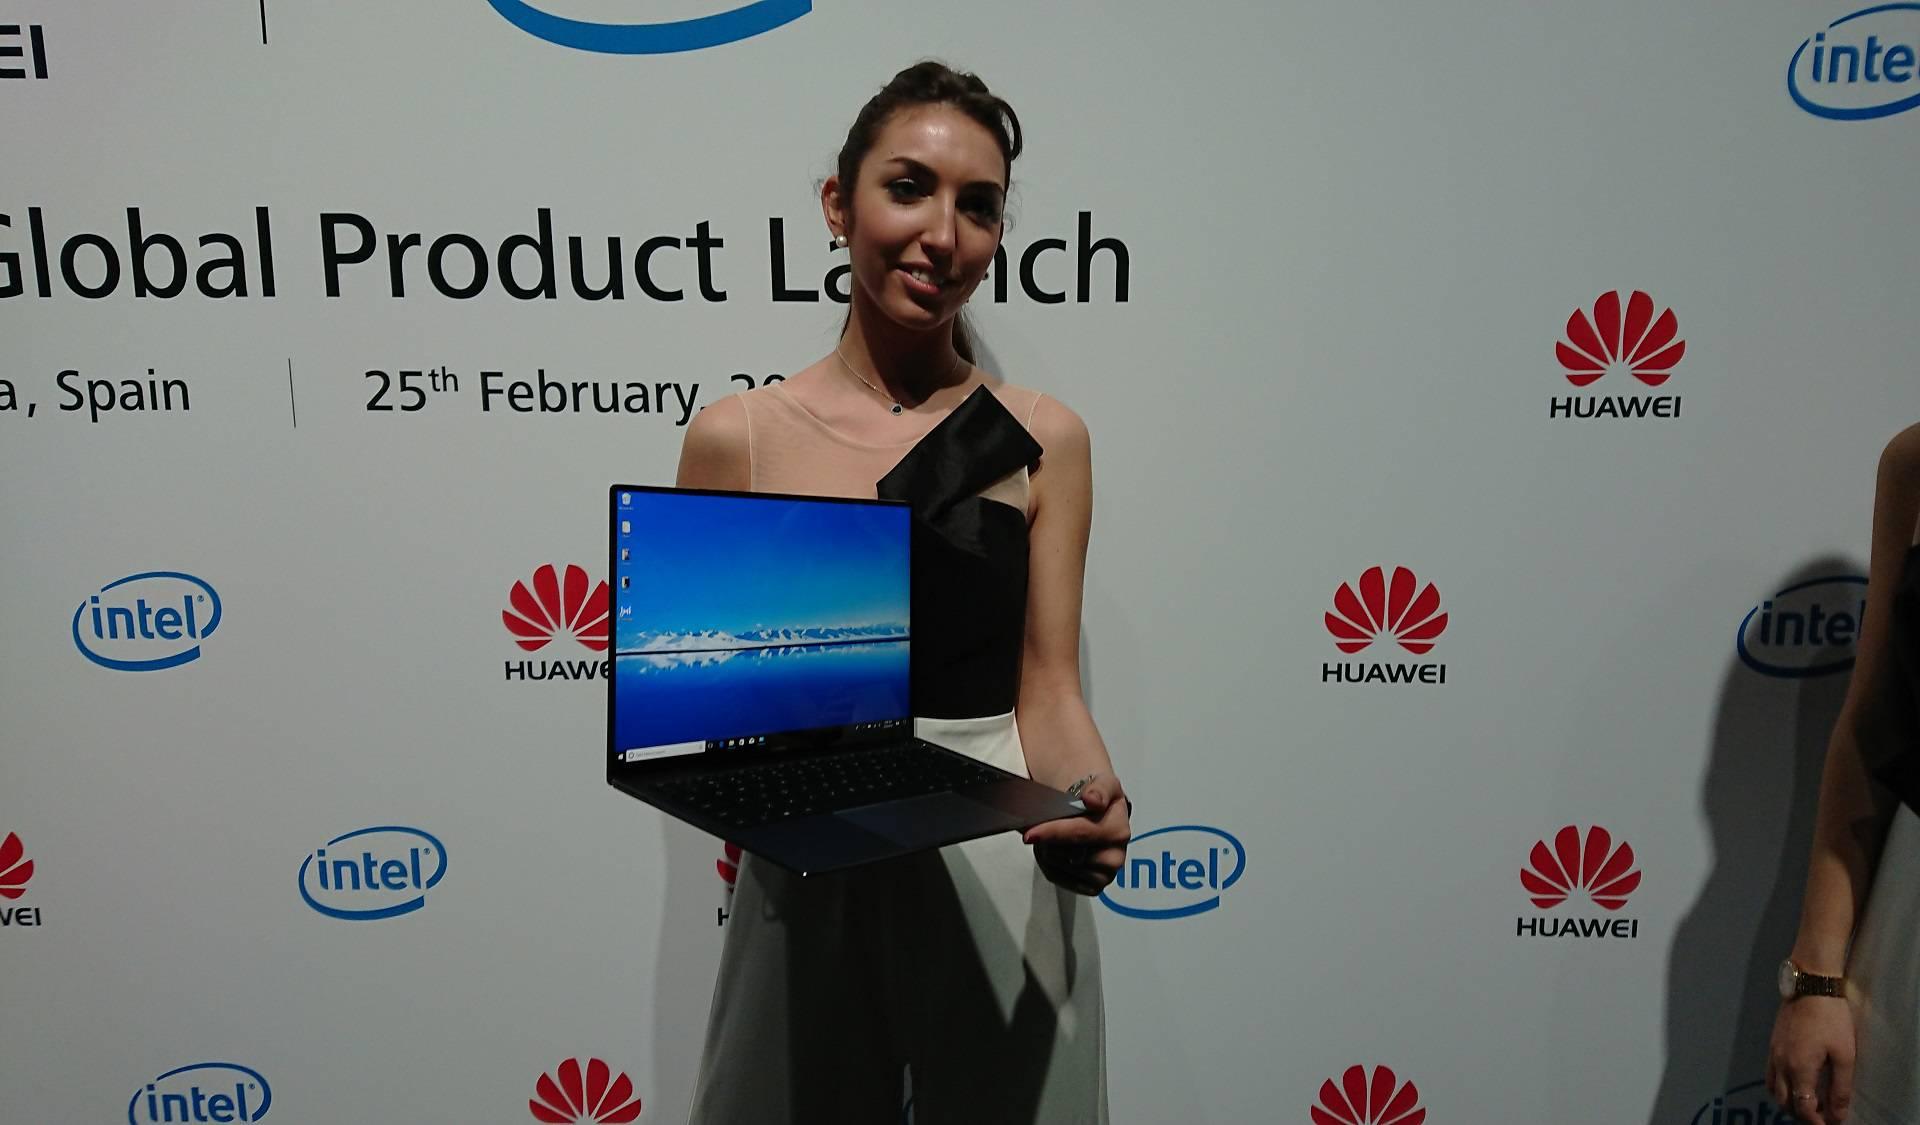 Huaweijev laptop u tipkovnicu sakrio kameru i odbacio rubove